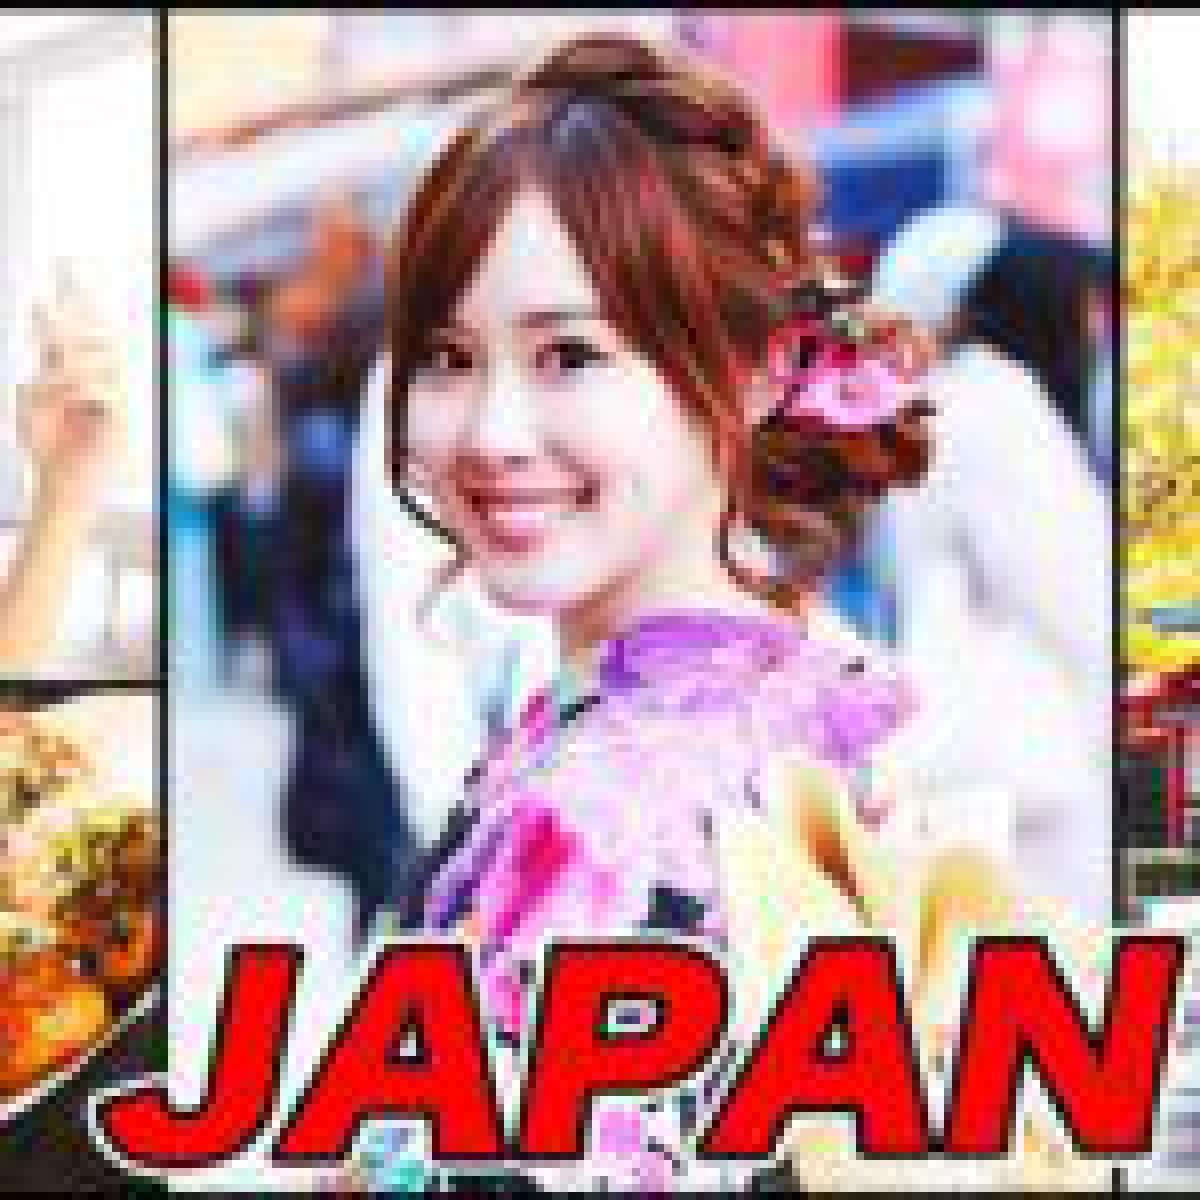 【初めての浅草】ベストコスメでメイク、ヘア、着物、食べ歩き in JAPAN【Get Ready With Me 2018 + Tokyo Travel Vlog】